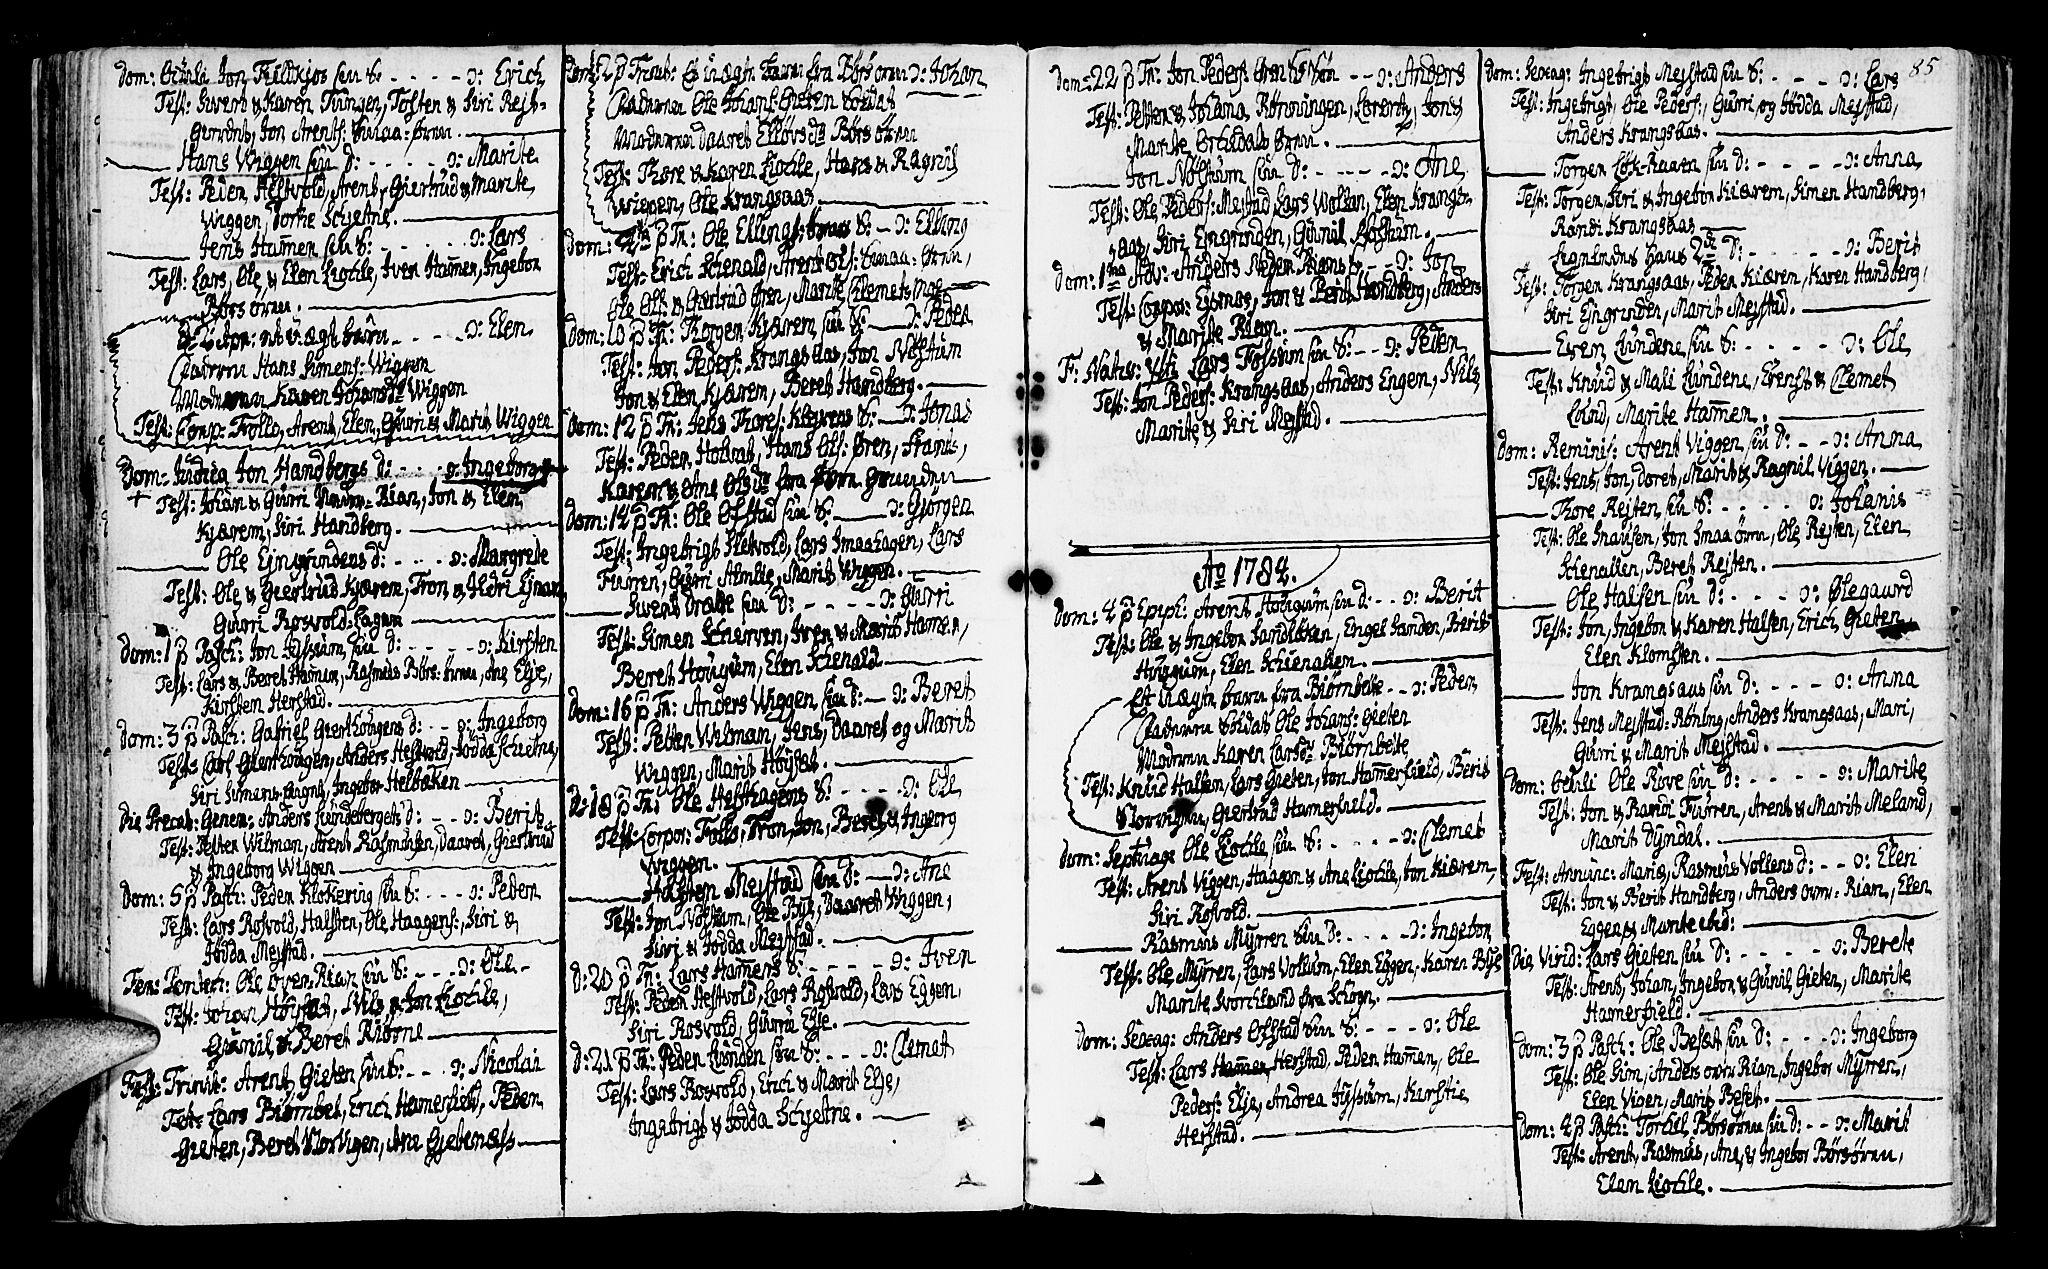 SAT, Ministerialprotokoller, klokkerbøker og fødselsregistre - Sør-Trøndelag, 665/L0768: Ministerialbok nr. 665A03, 1754-1803, s. 85